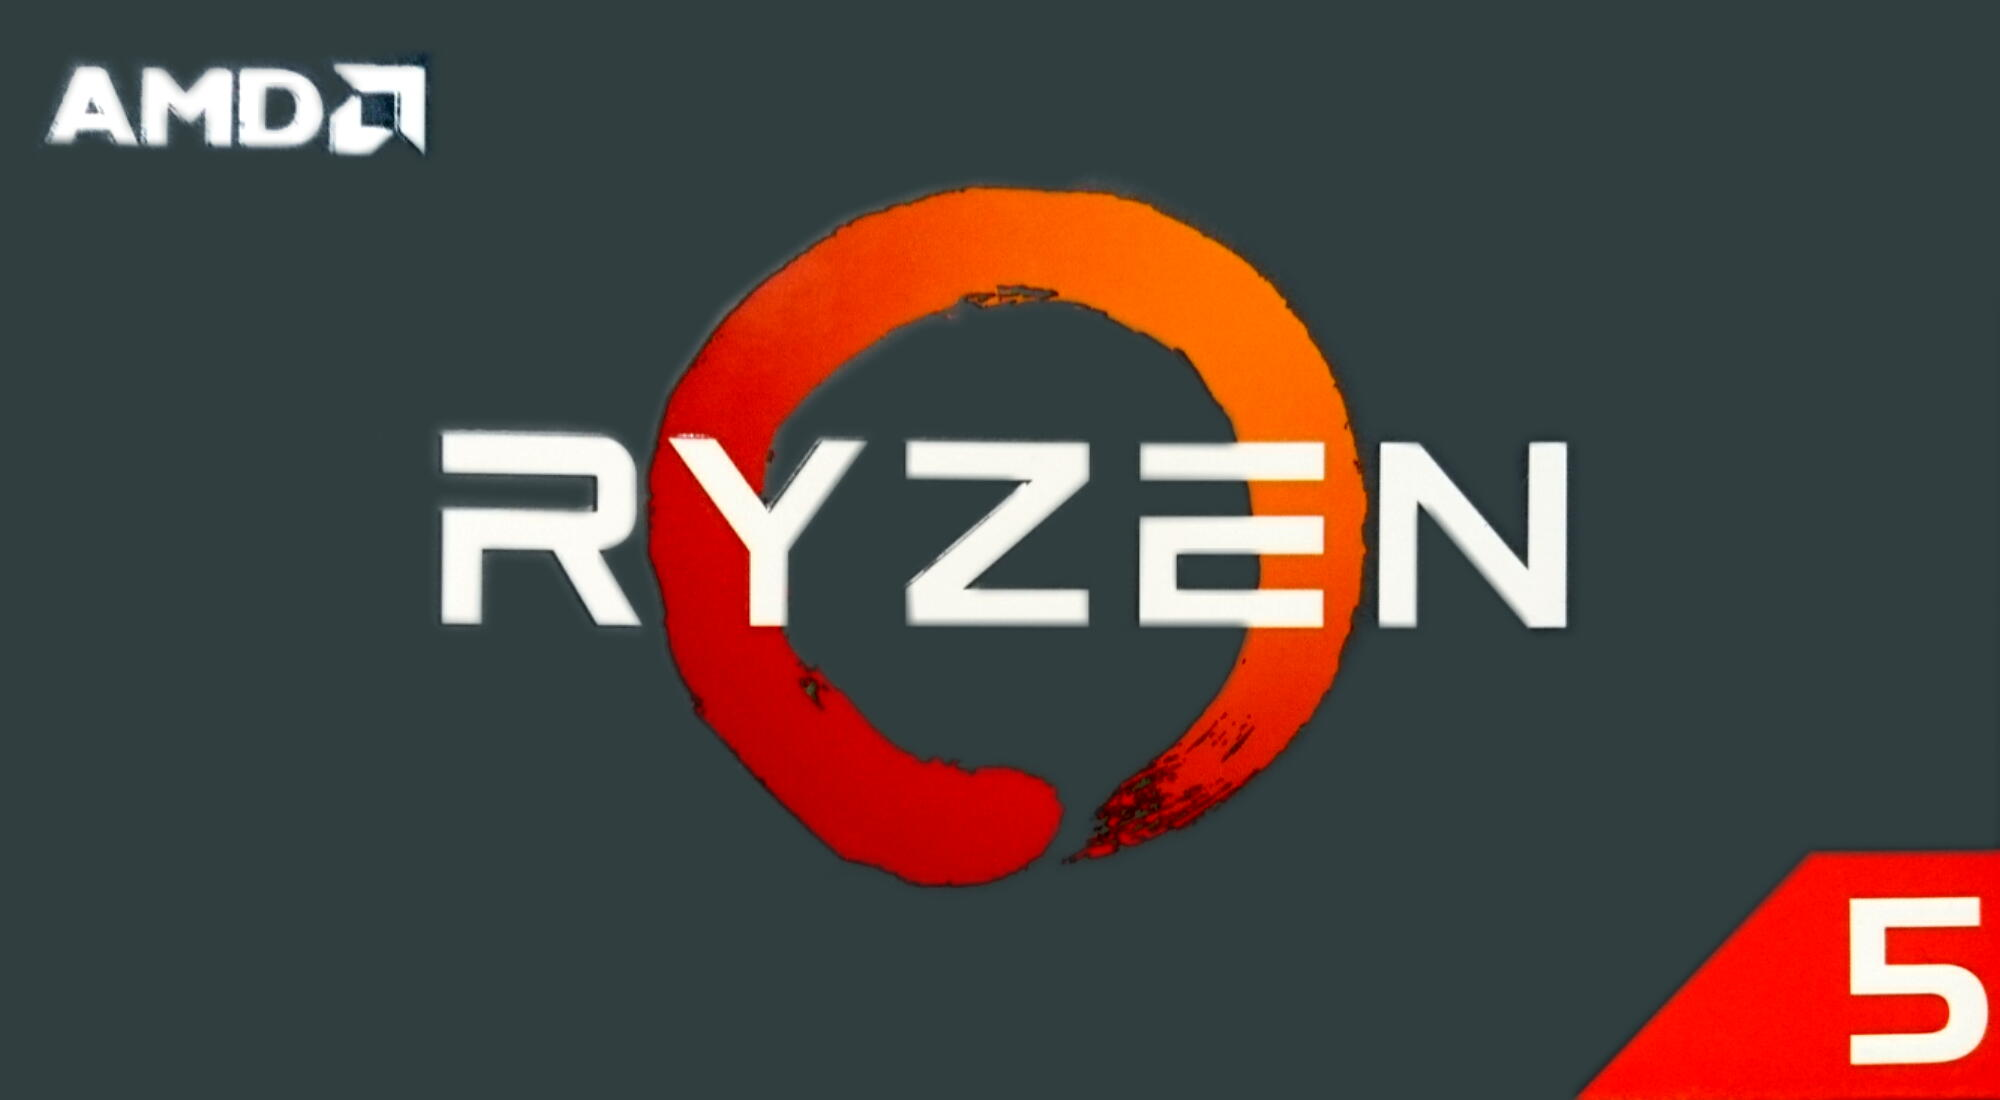 Ryzen 5で新しいパソコンを作ろうか